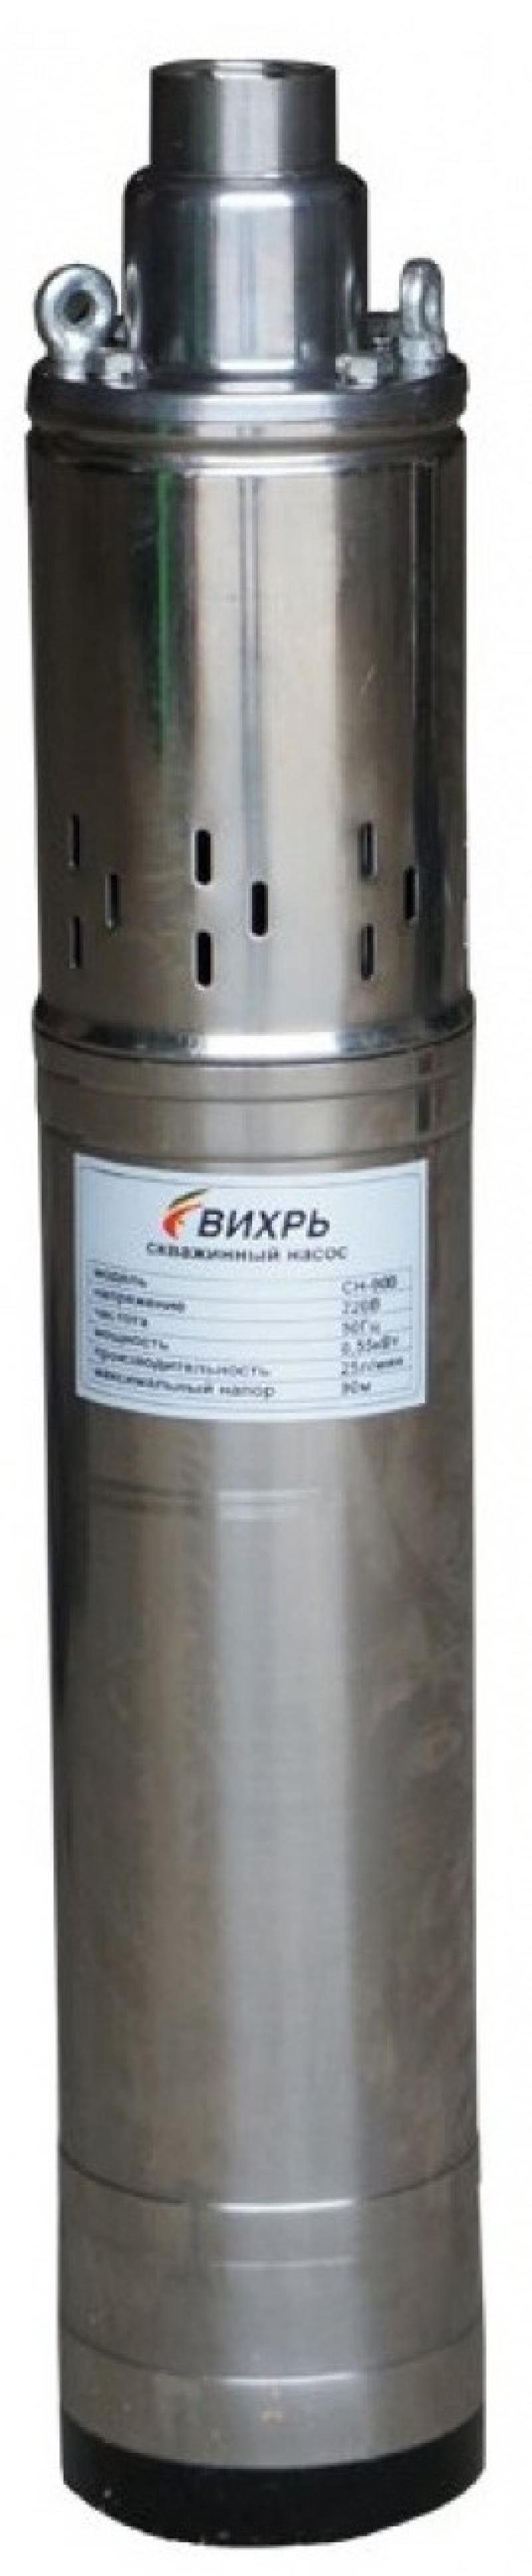 Насос погружной скважинный Вихрь СН-90B 1.5 куб. м/час 550 Вт погружной скважинный насос prorab 8797 bp 35